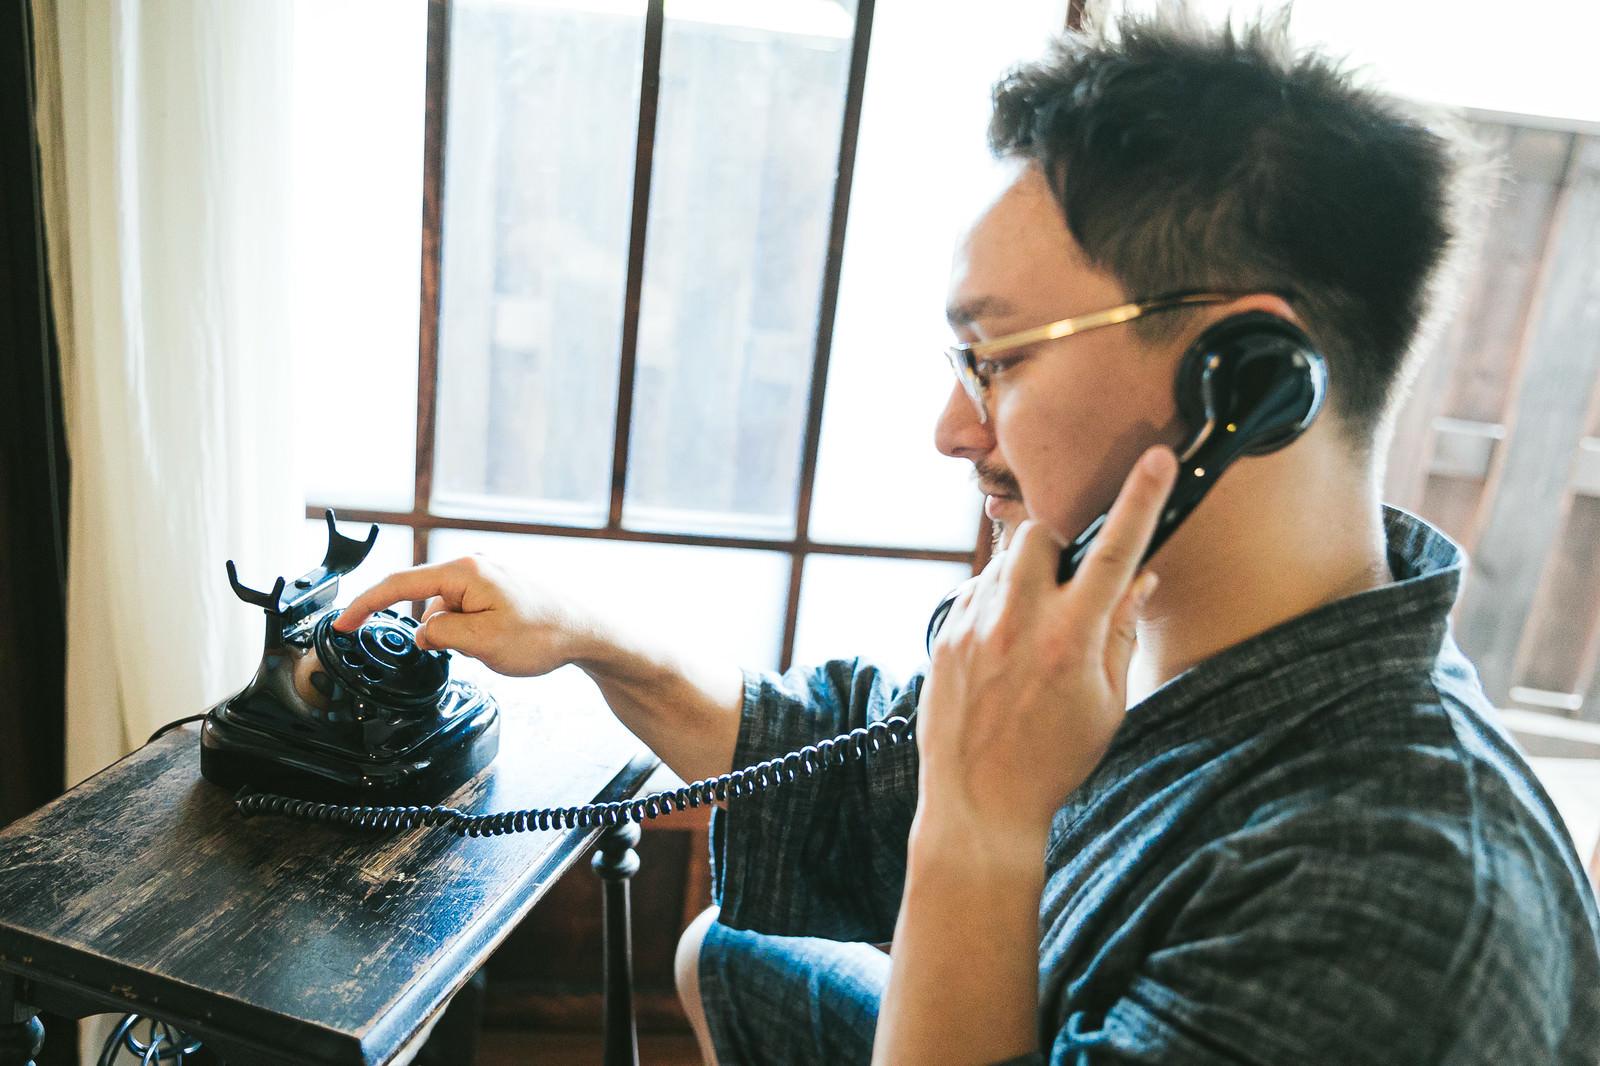 「ダイヤル式電話機を使って電話をかけるドイツ人ハーフ」の写真[モデル:Max_Ezaki]